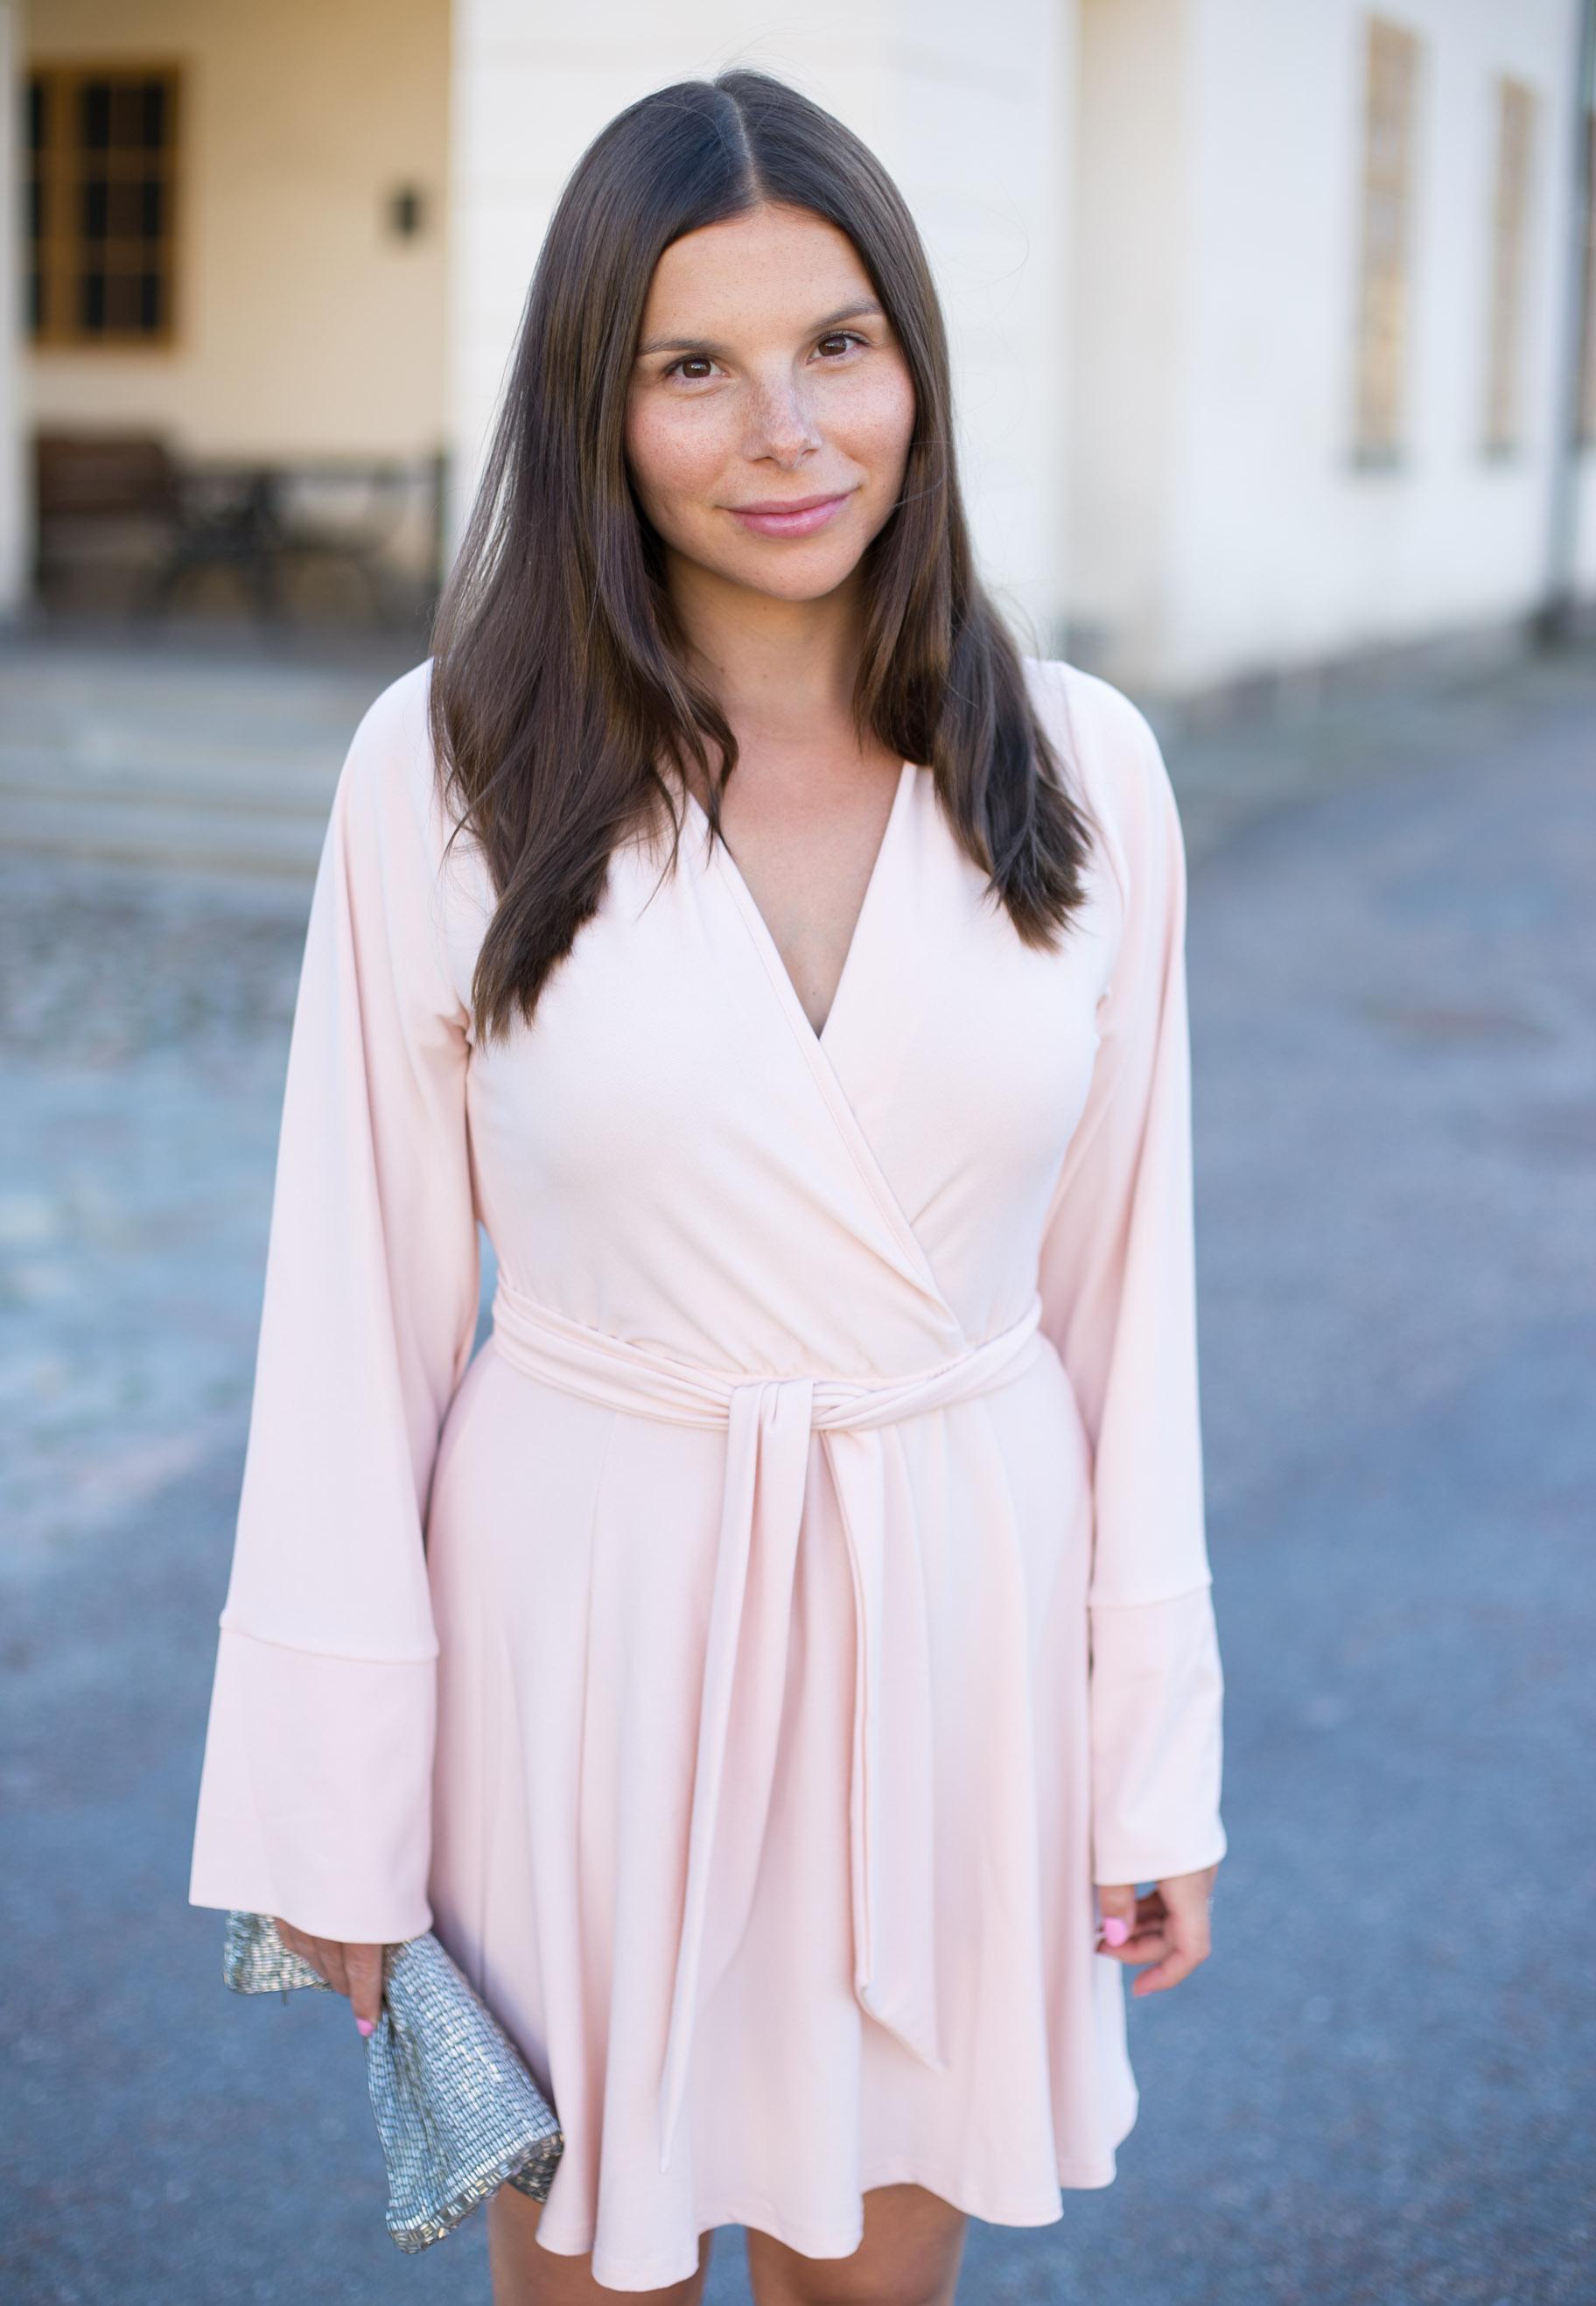 Angelica Aurell